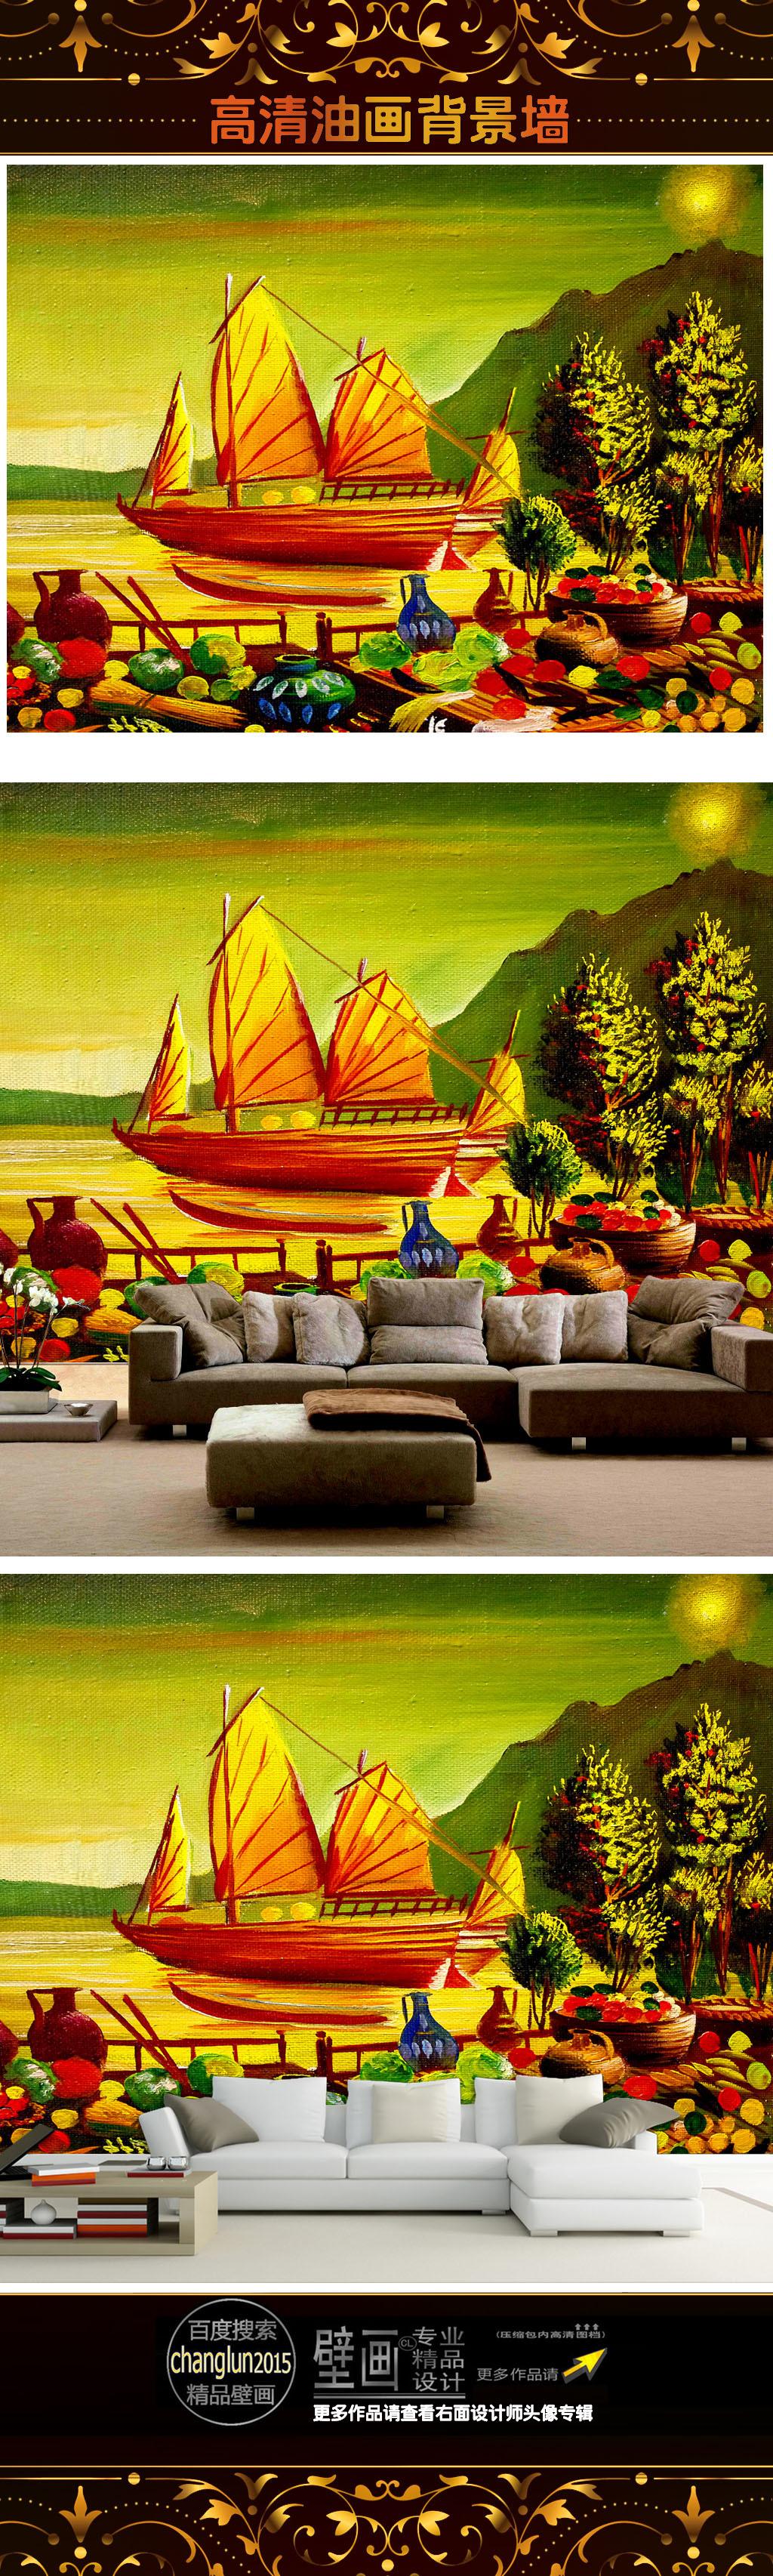 背景墙|装饰画 电视背景墙 油画|立体油画电视背景墙 > 手绘金银岛